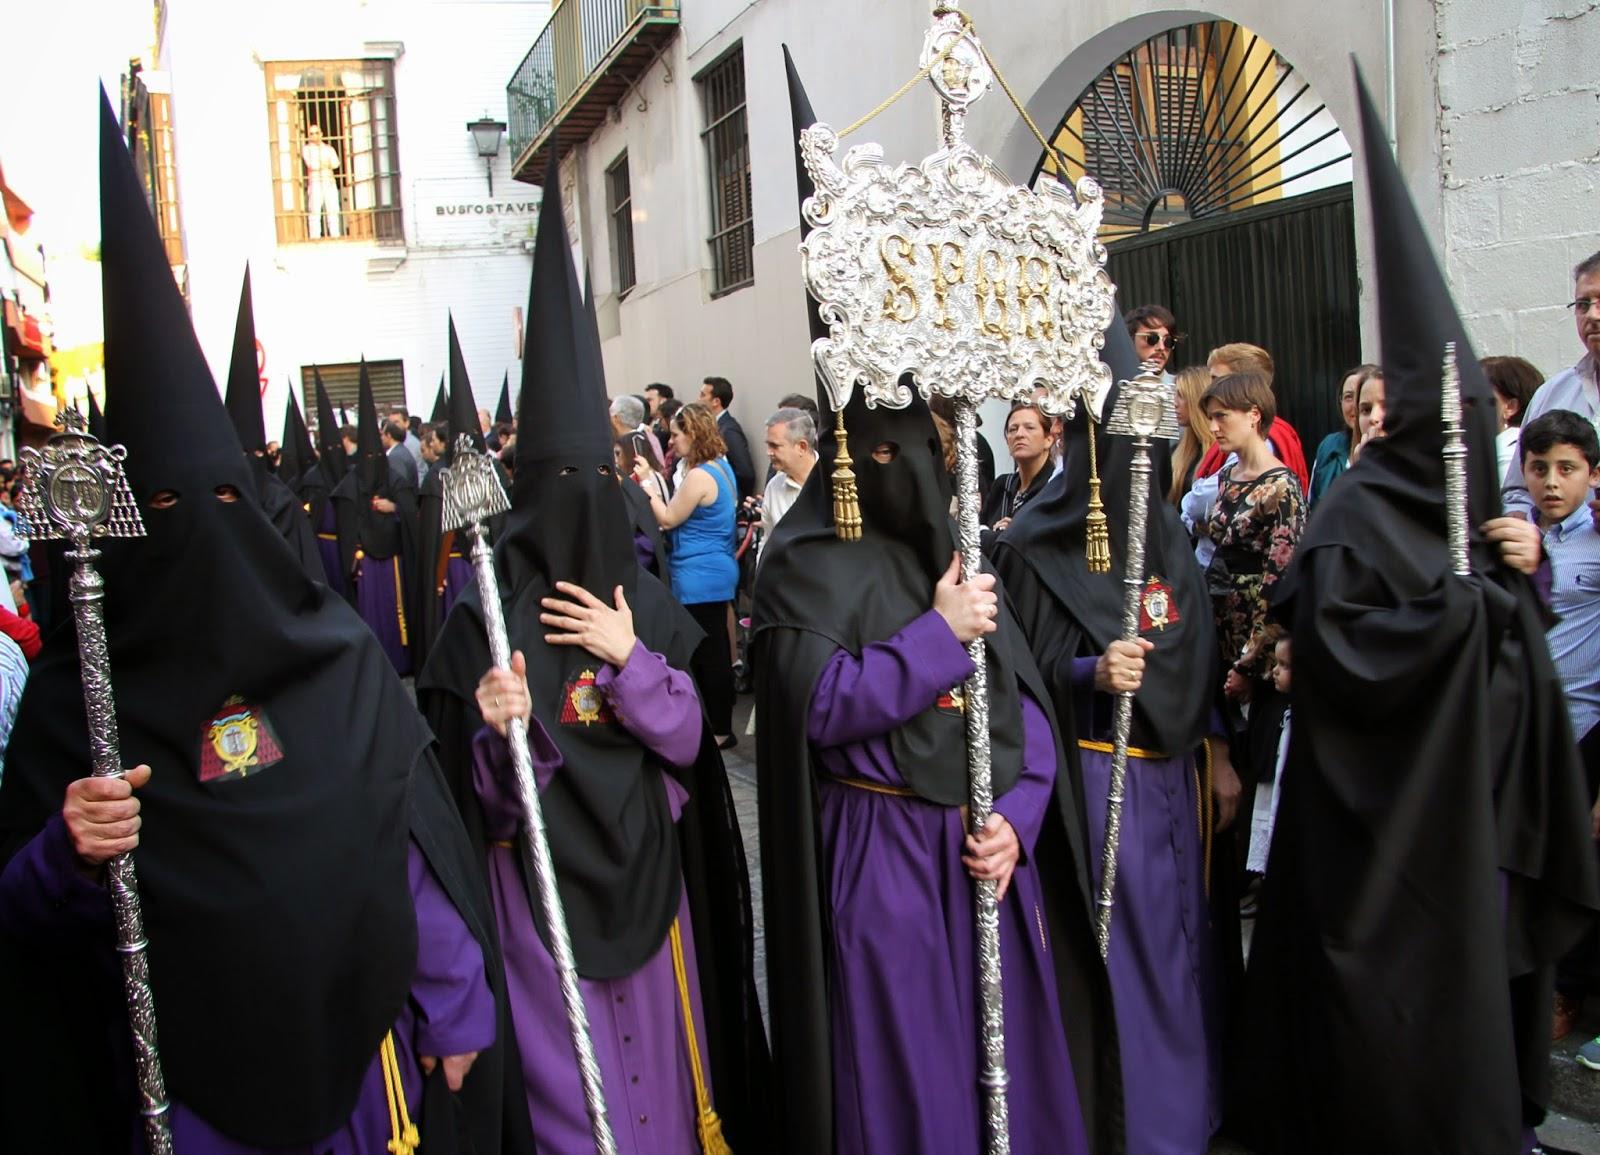 Alba y jesus en el stand de ana g en el feda - 3 4